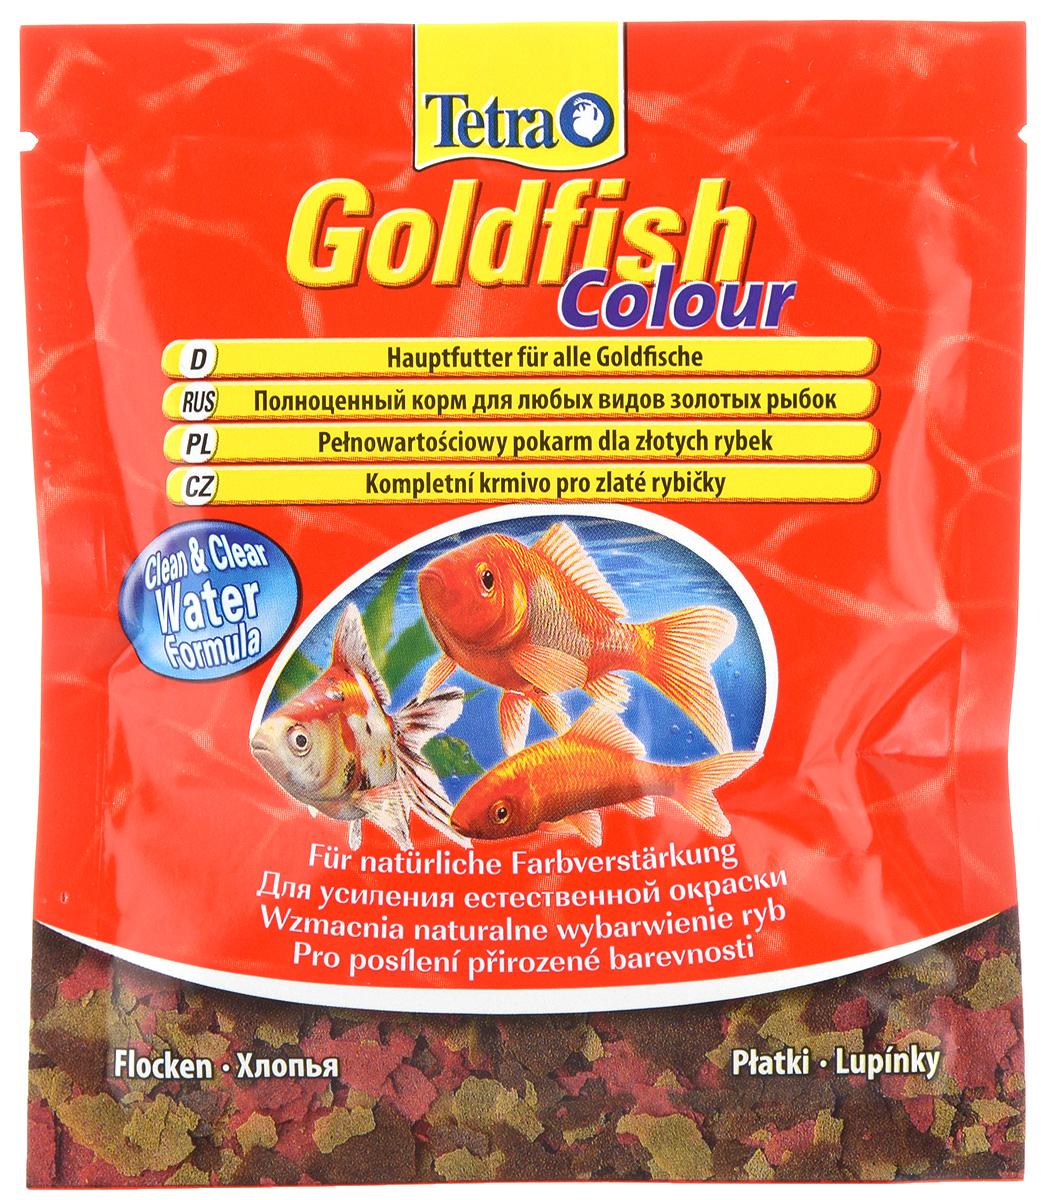 Корм Tetra Goldfish. Colour для улучшения окраса всех видов золотых рыб, хлопья, 12 г корм tetra marine xl flakes для любых морских рыб крупные хлопья 500 мл 80 г